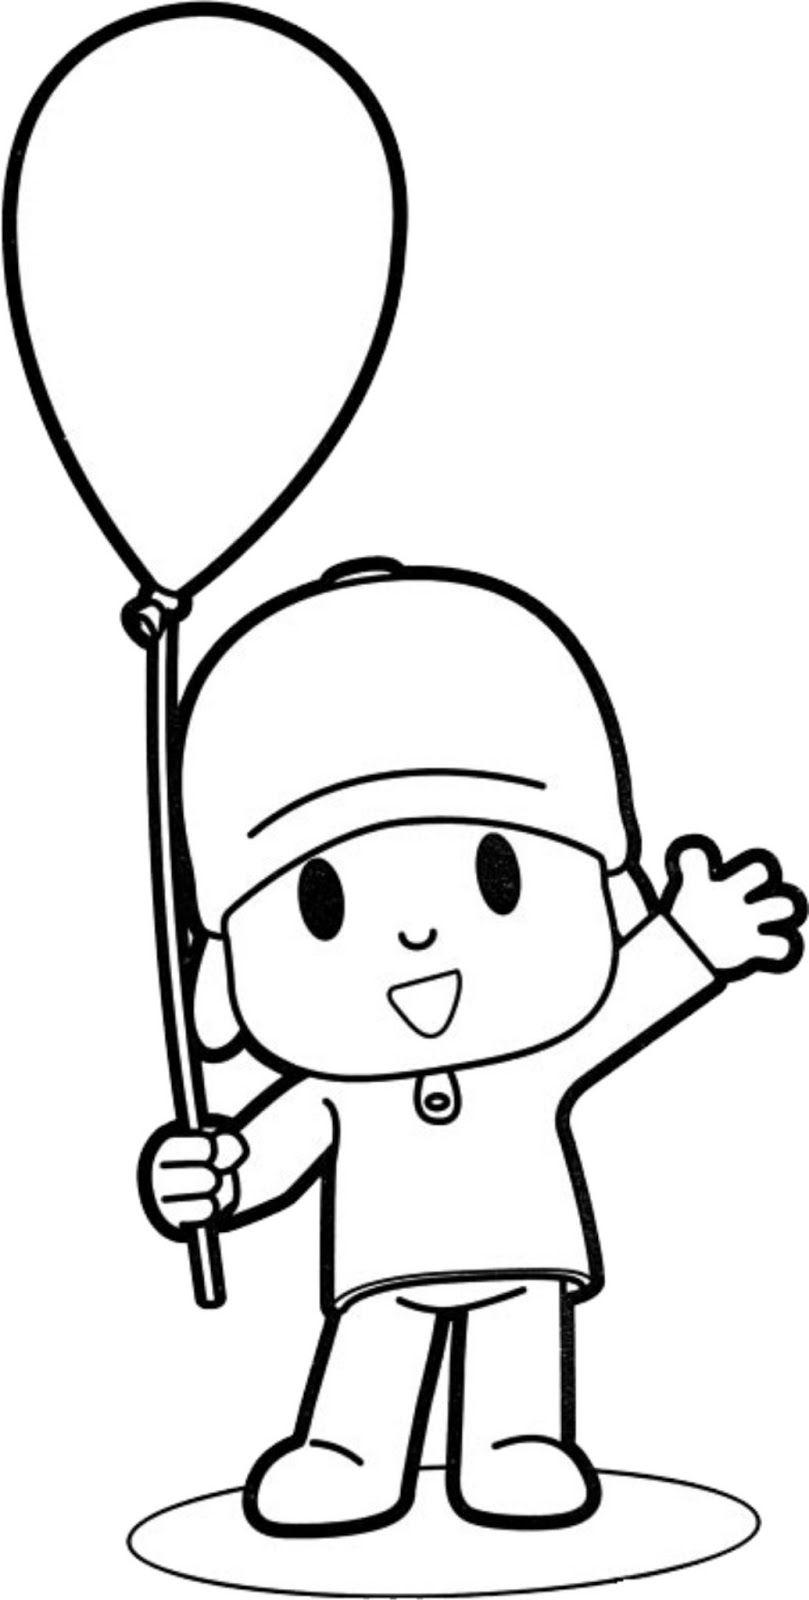 Espaço Educar desenhos para colorir : 30 Desenhos do pocoyo para ...